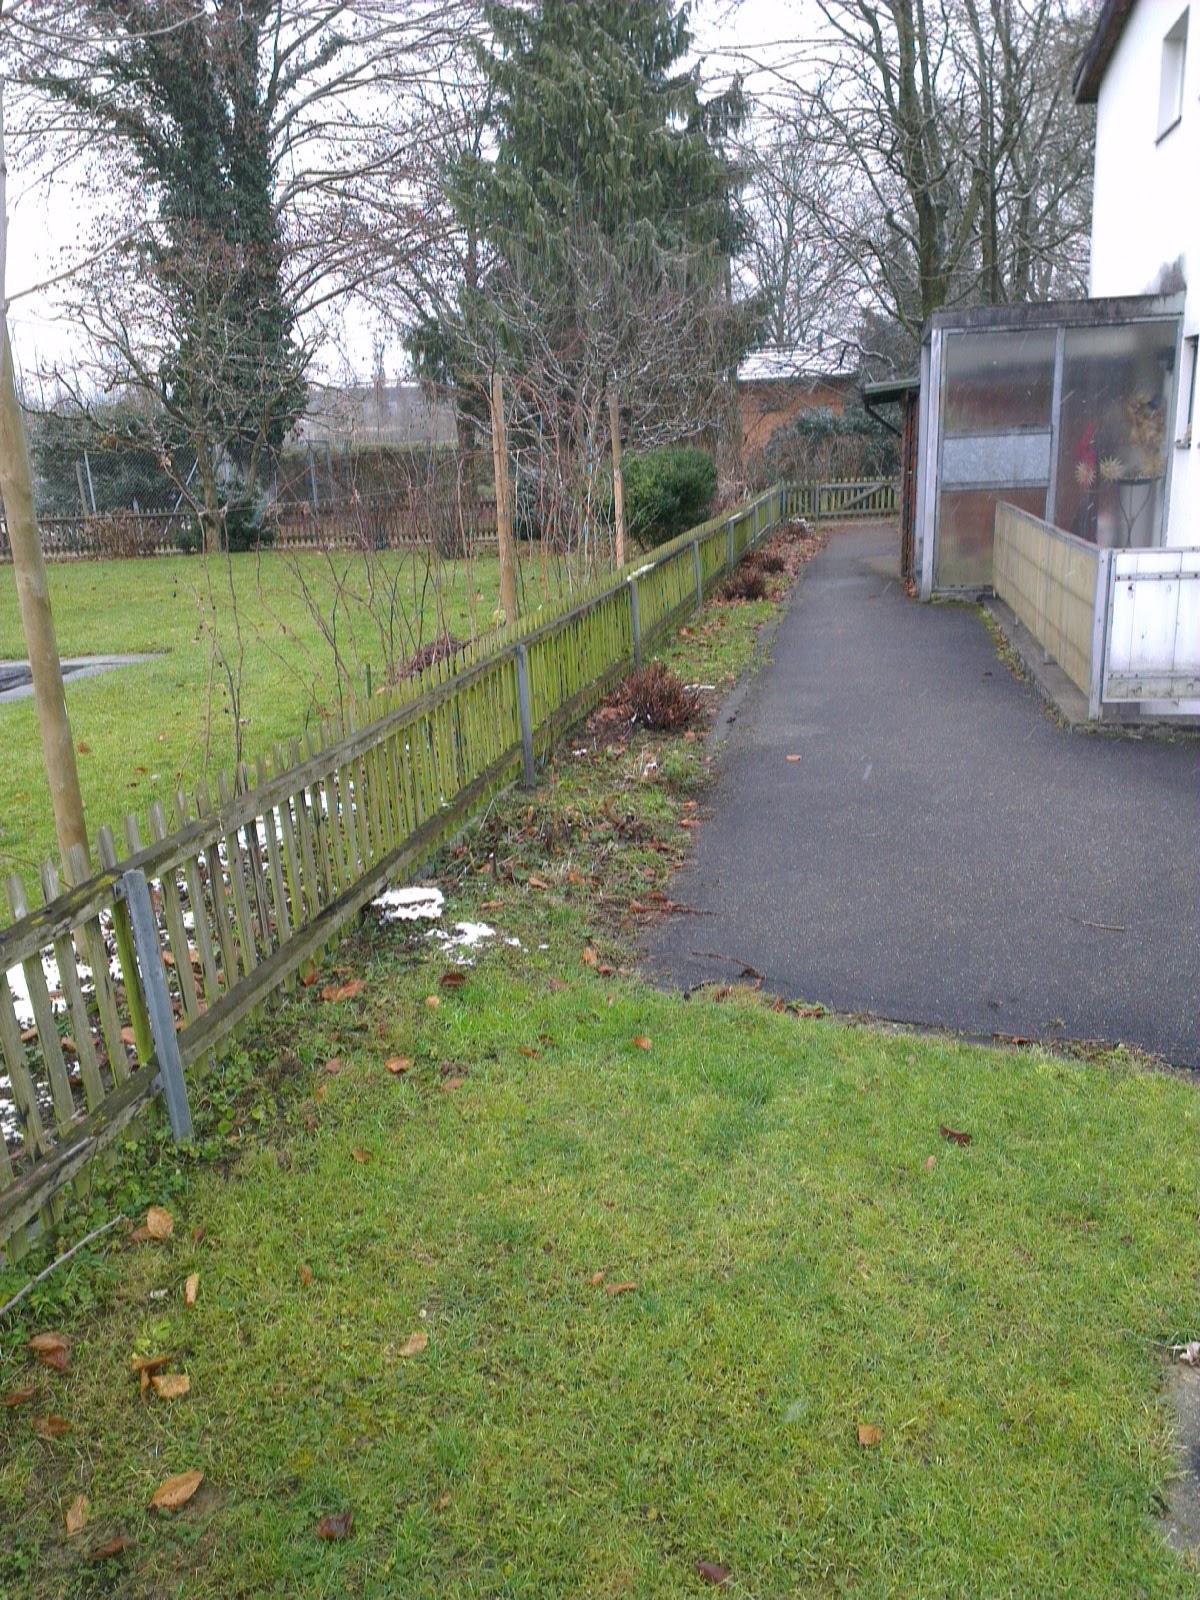 Rabatten und Steingarten | Gartendesign - wo Schönes entsteht!